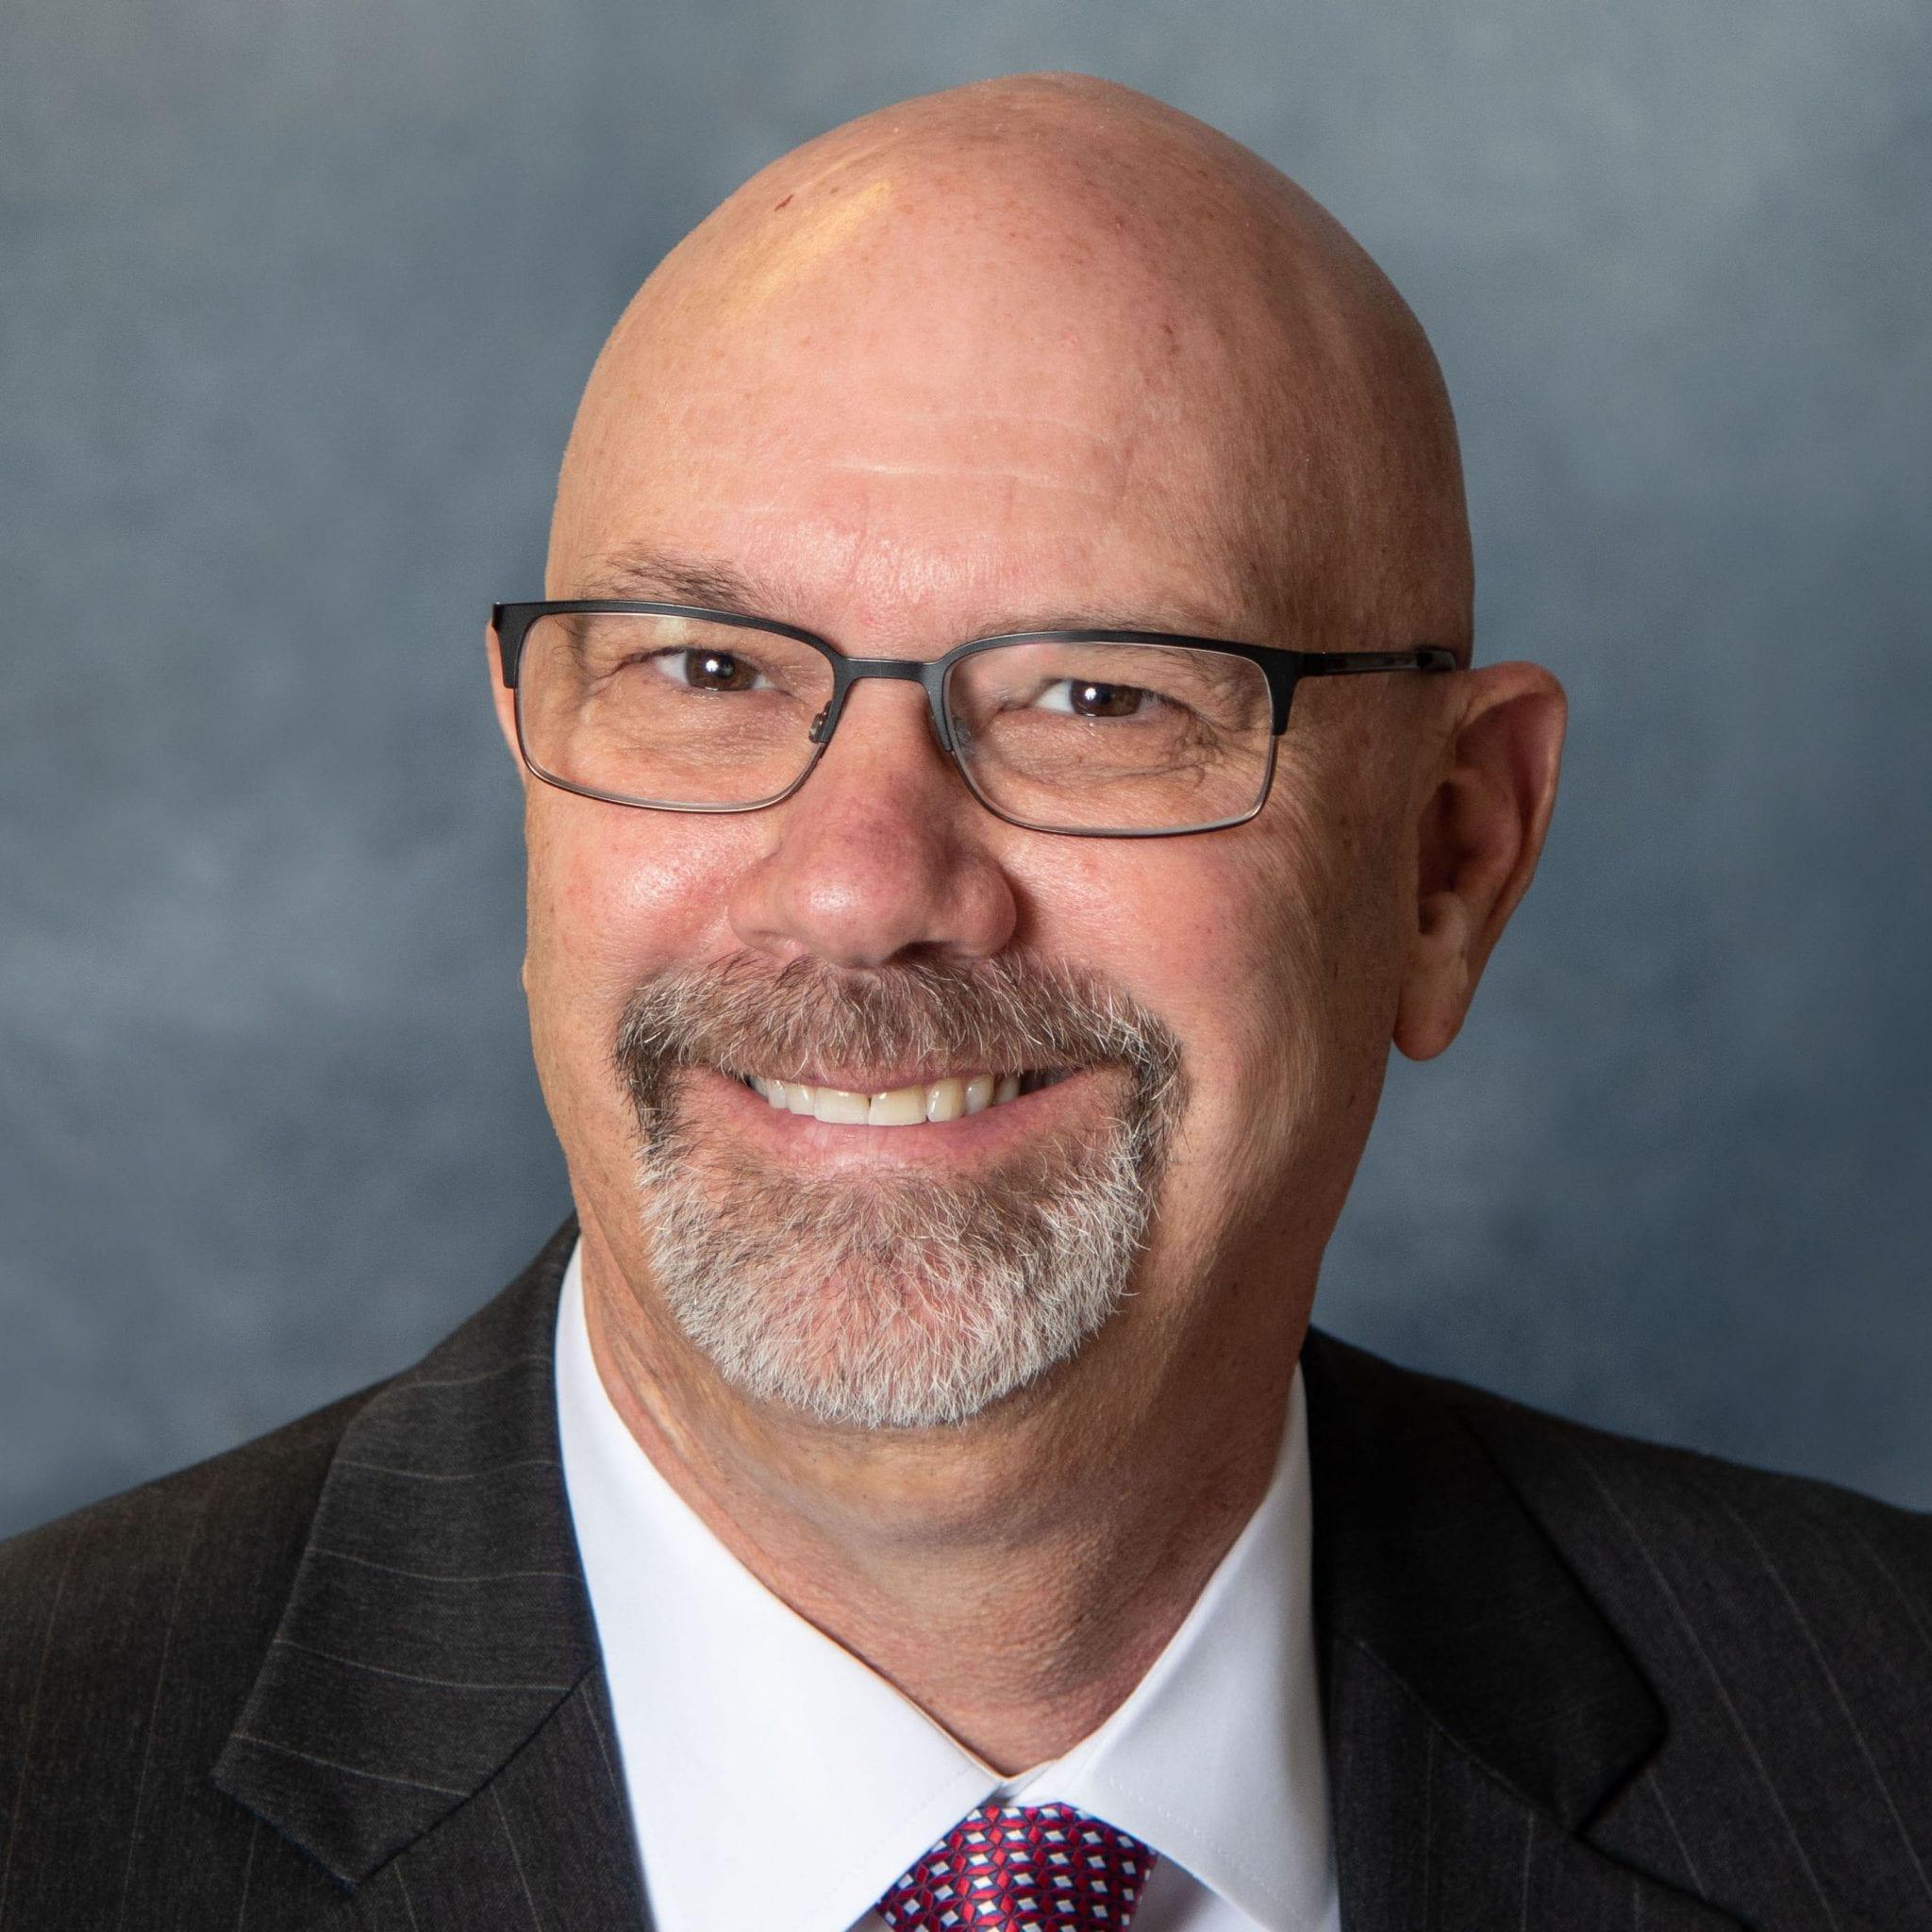 Kevin O'Bryan